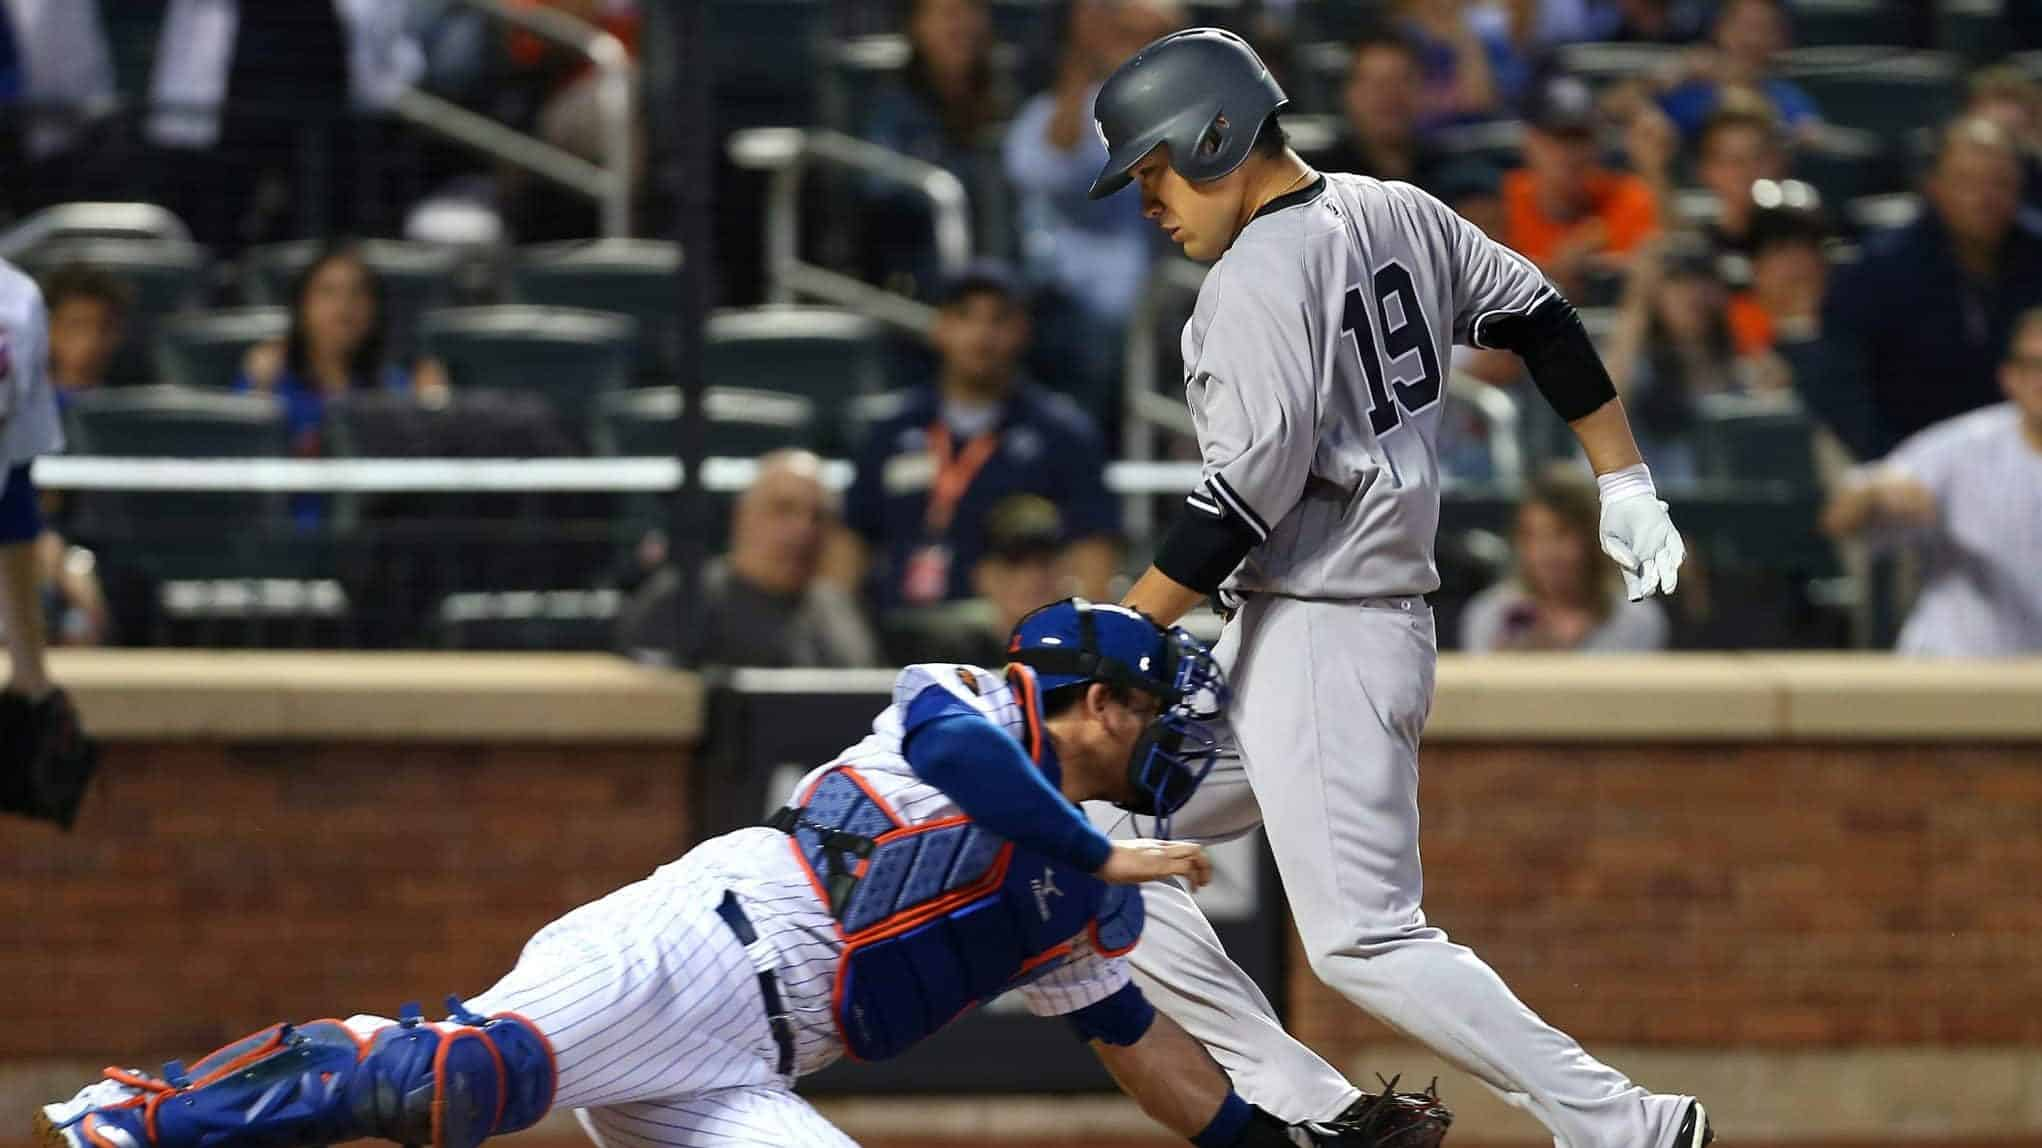 New York Yankees Masahiro Tanaka